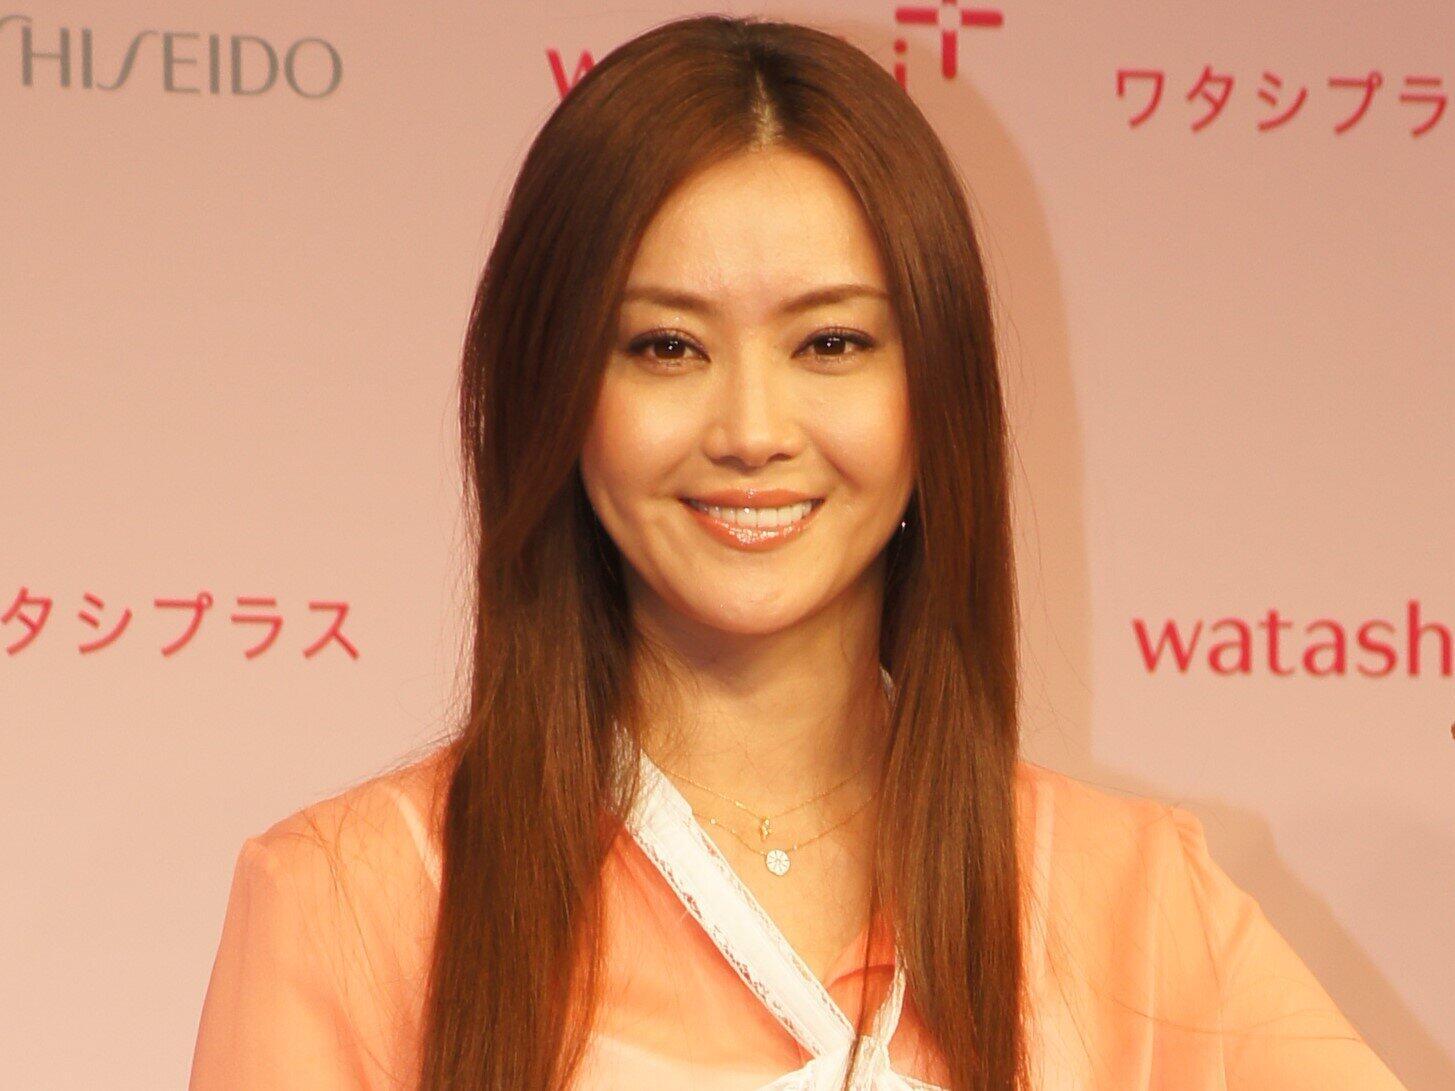 観月ありさ、織田裕二との再共演希望 SUITS/スーツ2は「最高に嬉しかった」